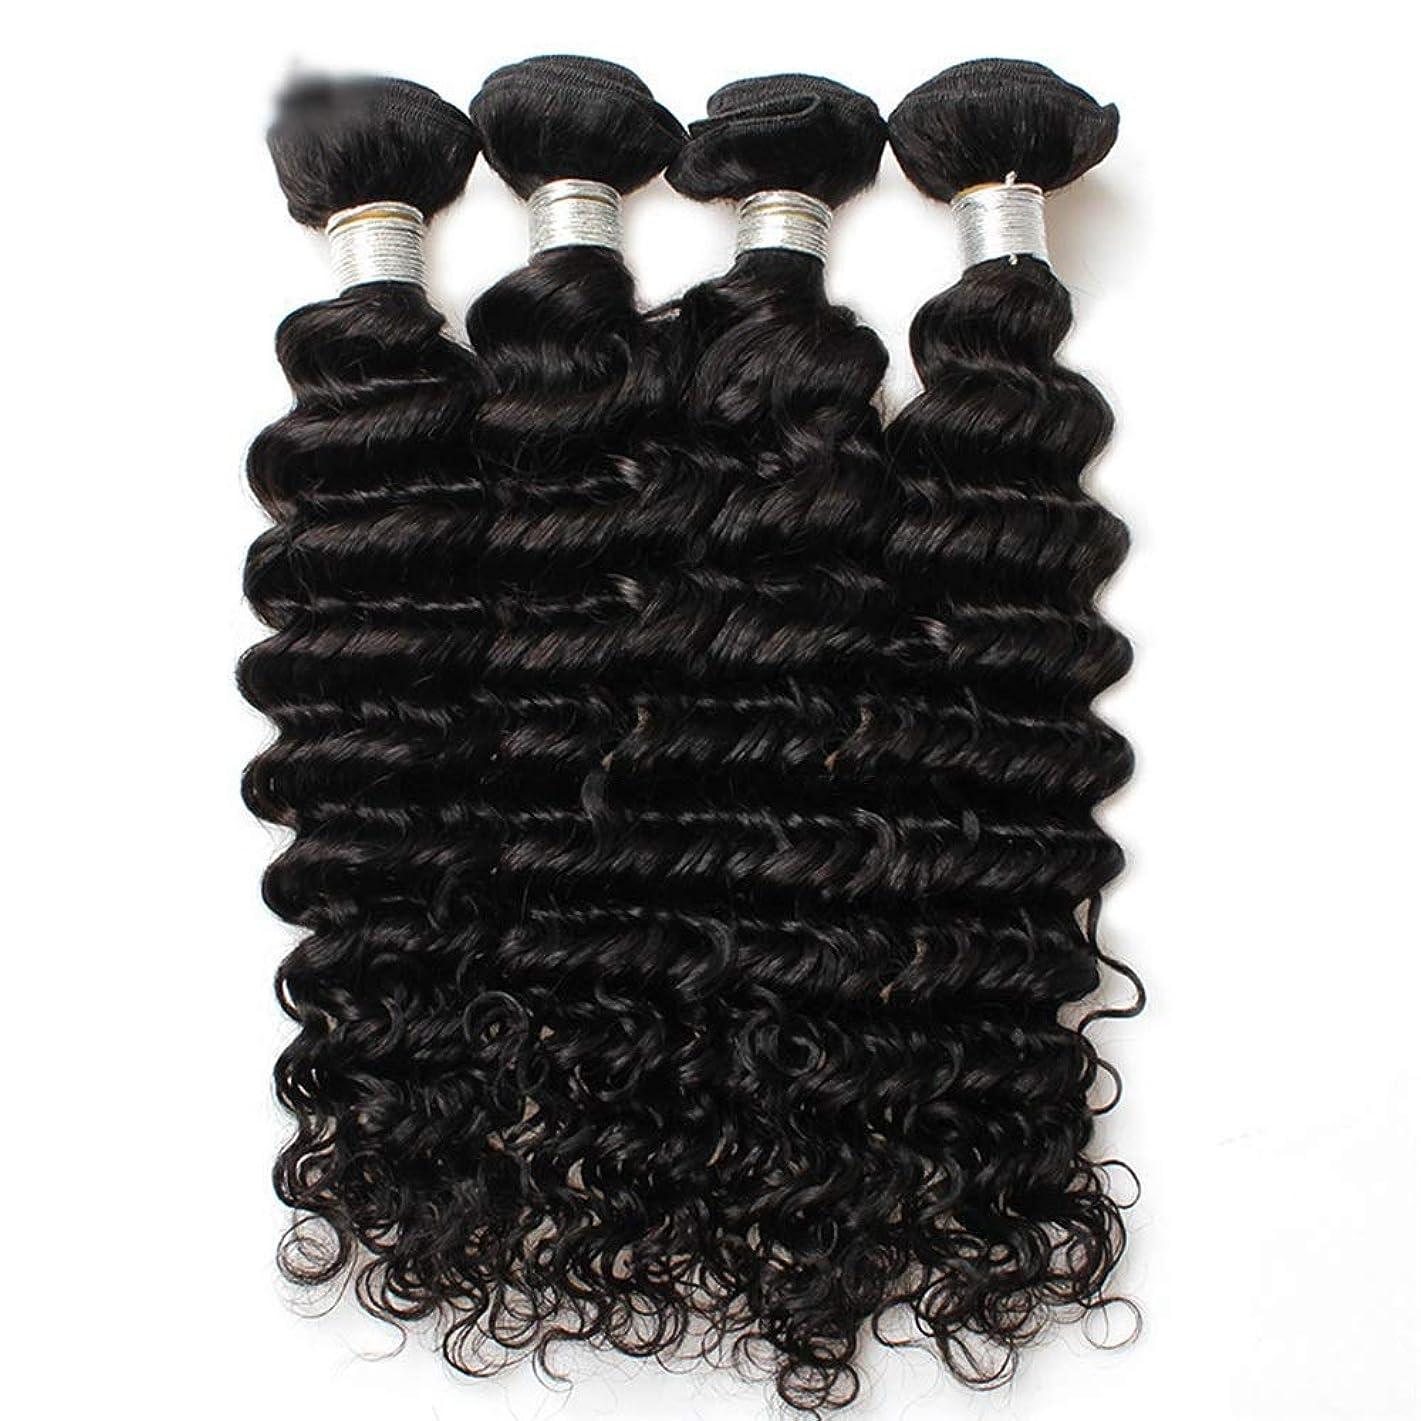 過度に全滅させる脈拍YESONEEP 7Aブラジルディープウェーブ人間の髪の束 - ナチュラルカラーヘアエクステンション(10